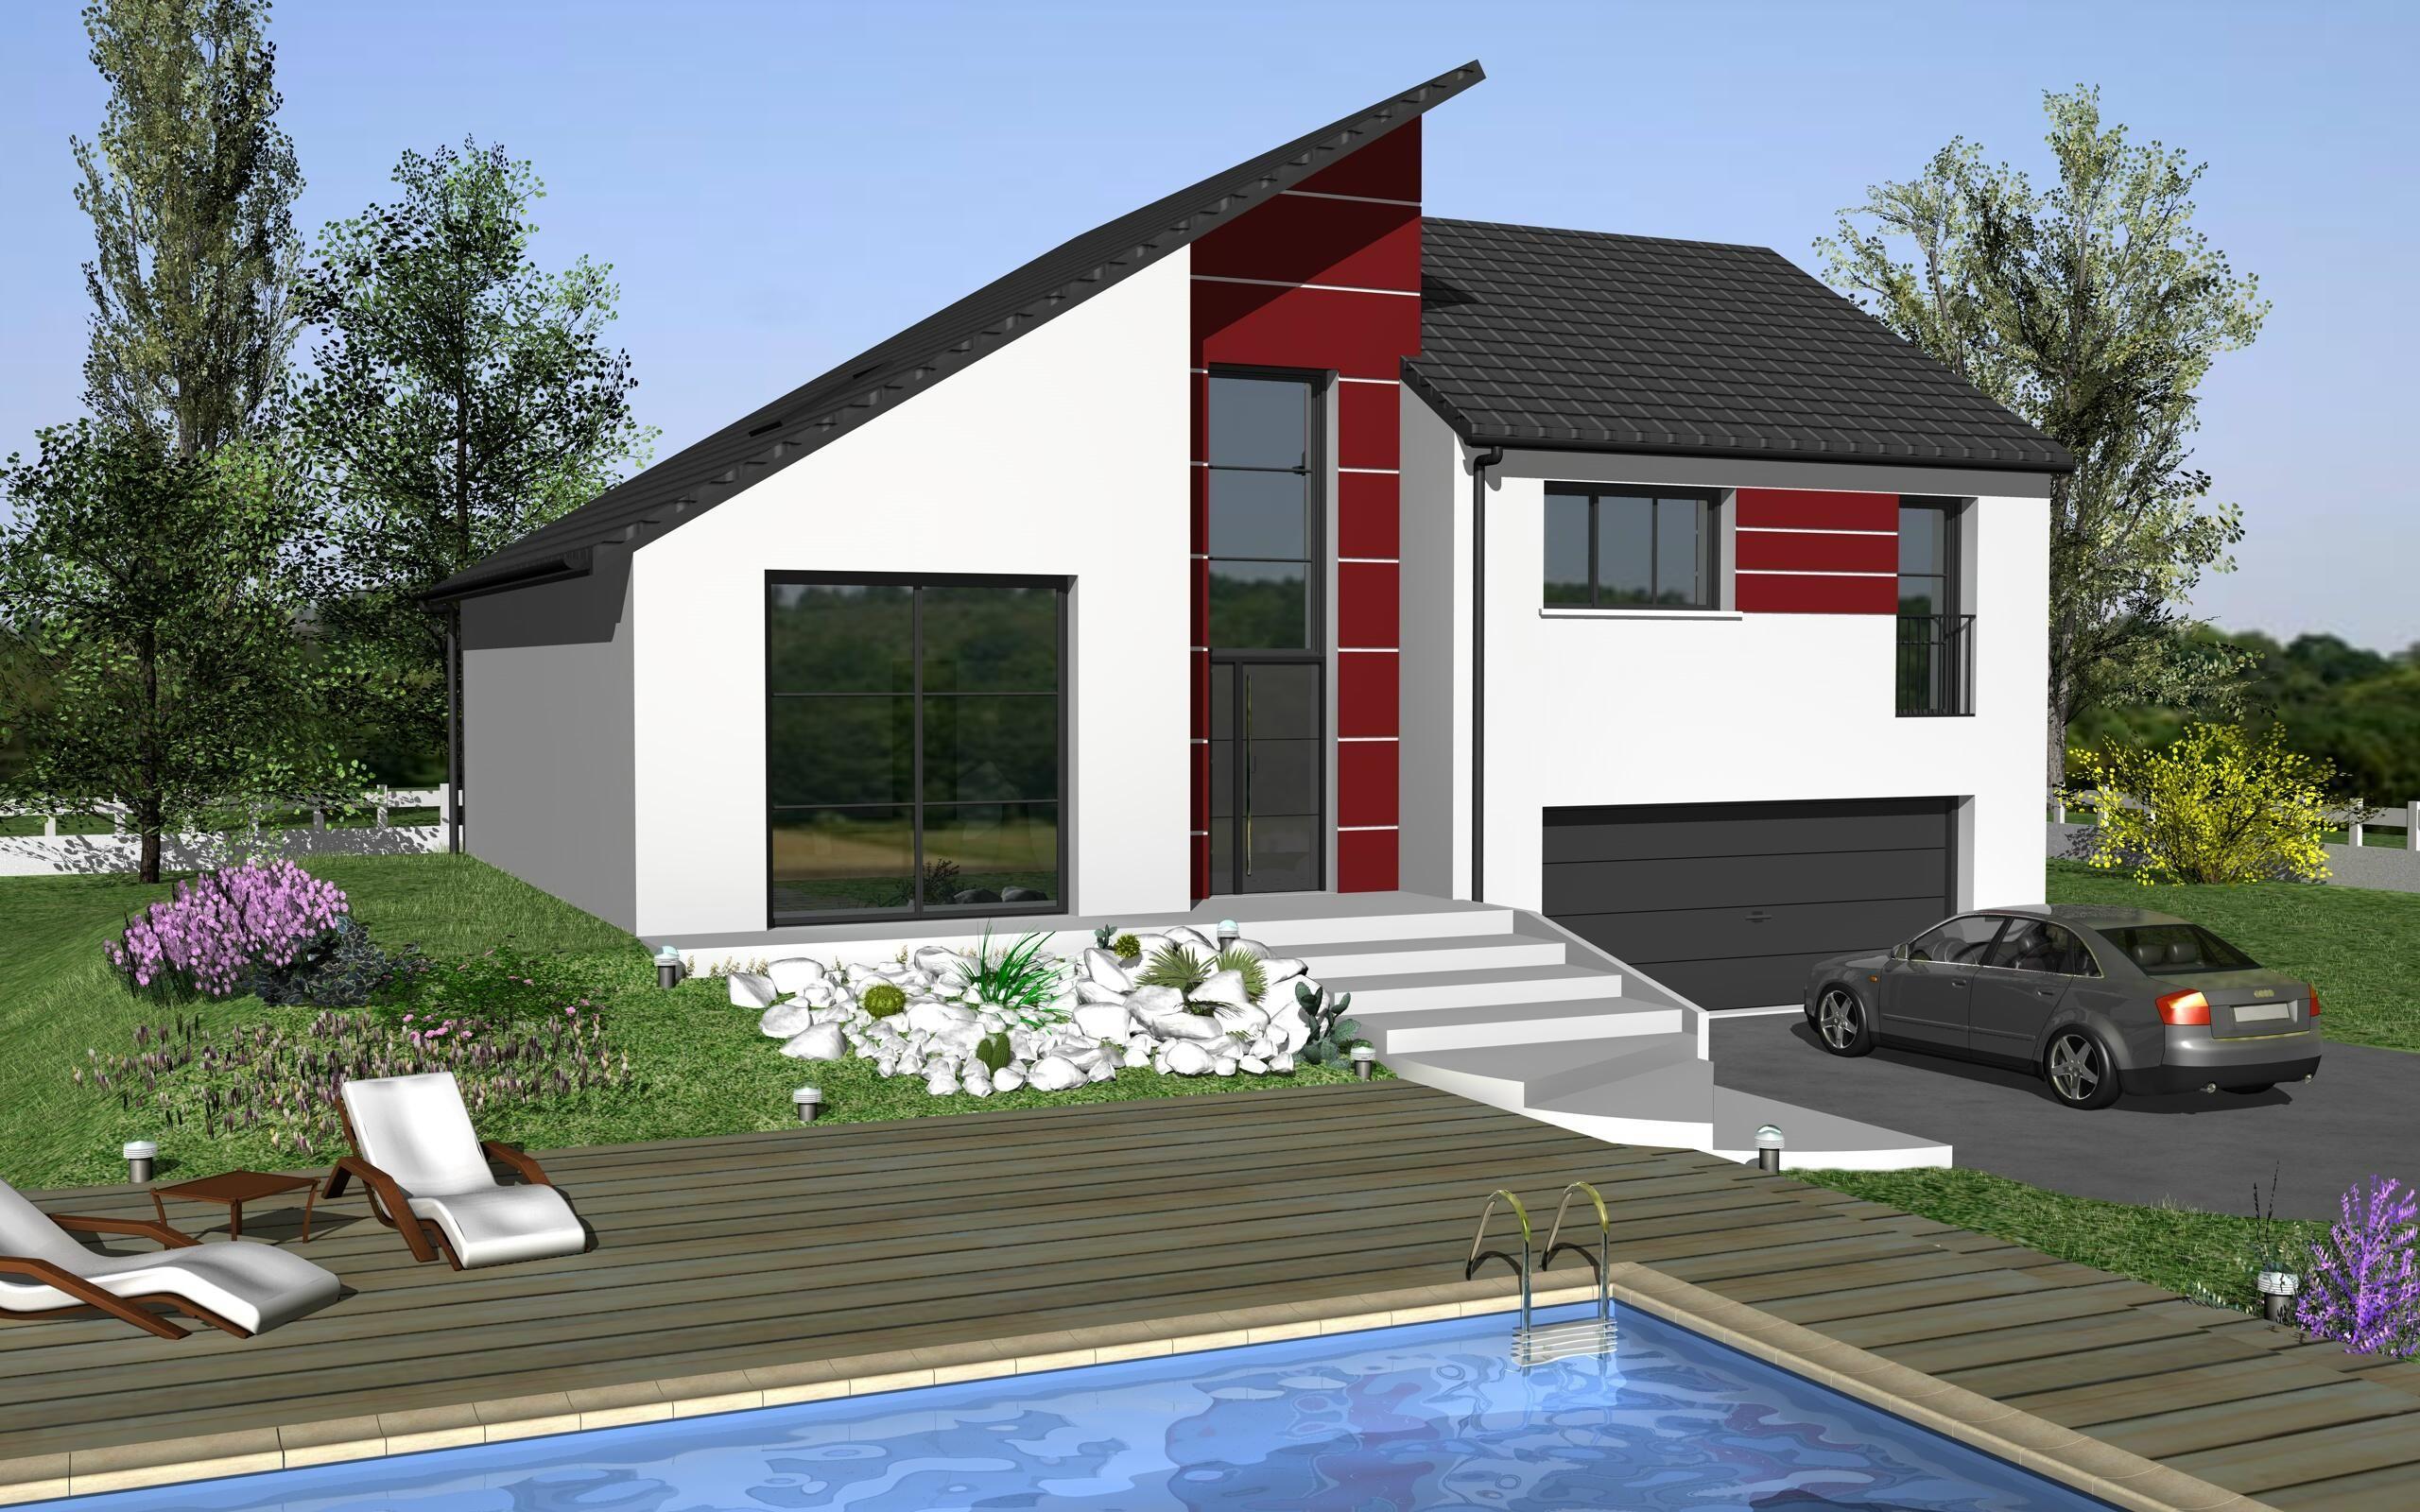 Elodie design est un mod le de maison de style moderne elle poss de 6 pi ces - Maison style moderne ...